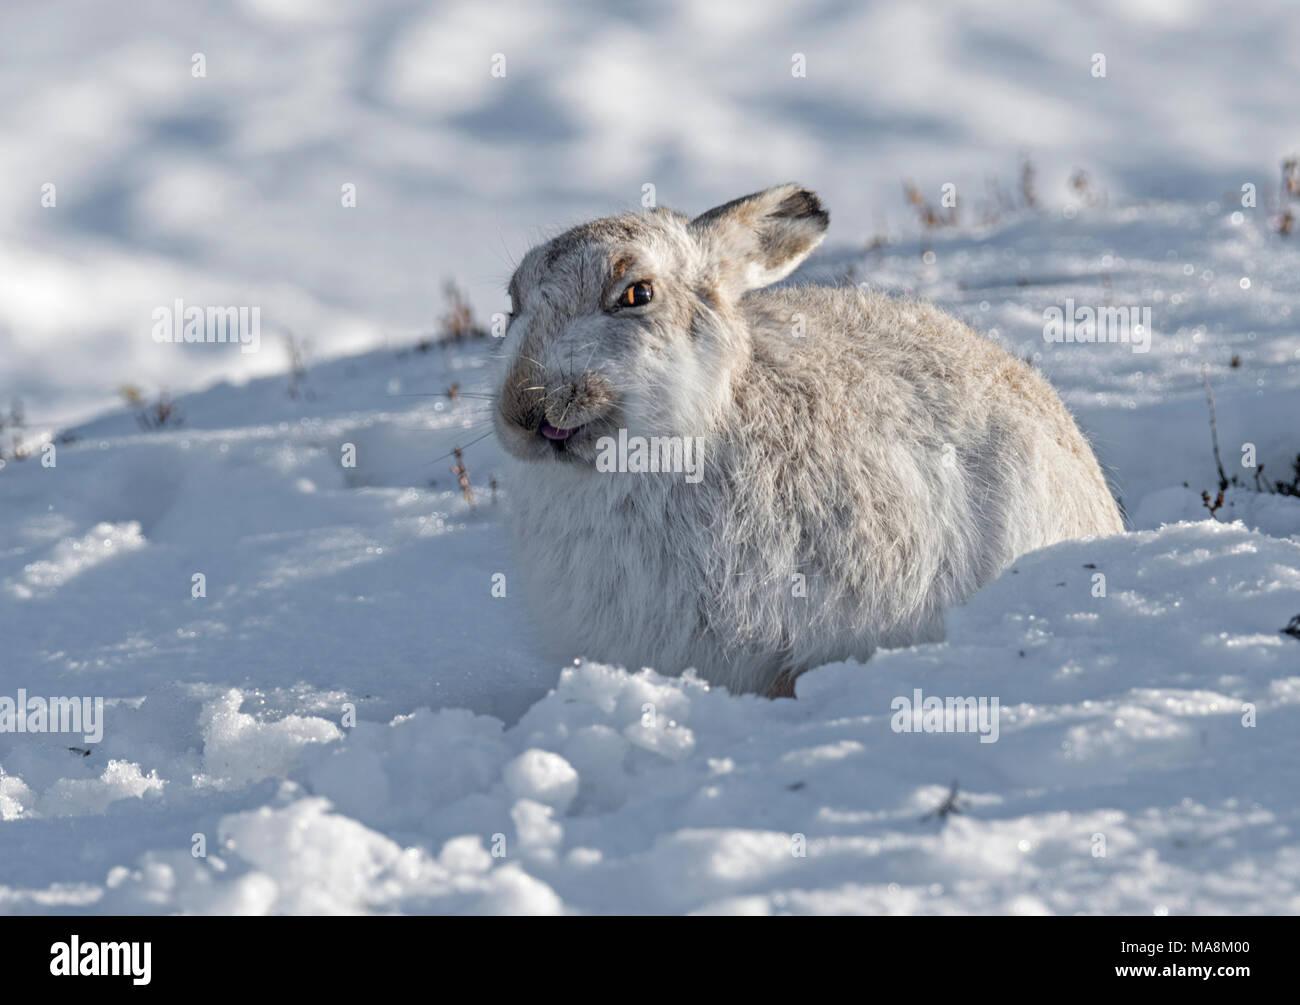 Schneehase (Lepus timidus) in seiner Form auf schneebedeckten Hügel in den schottischen Highlands, März 2018 Stockbild